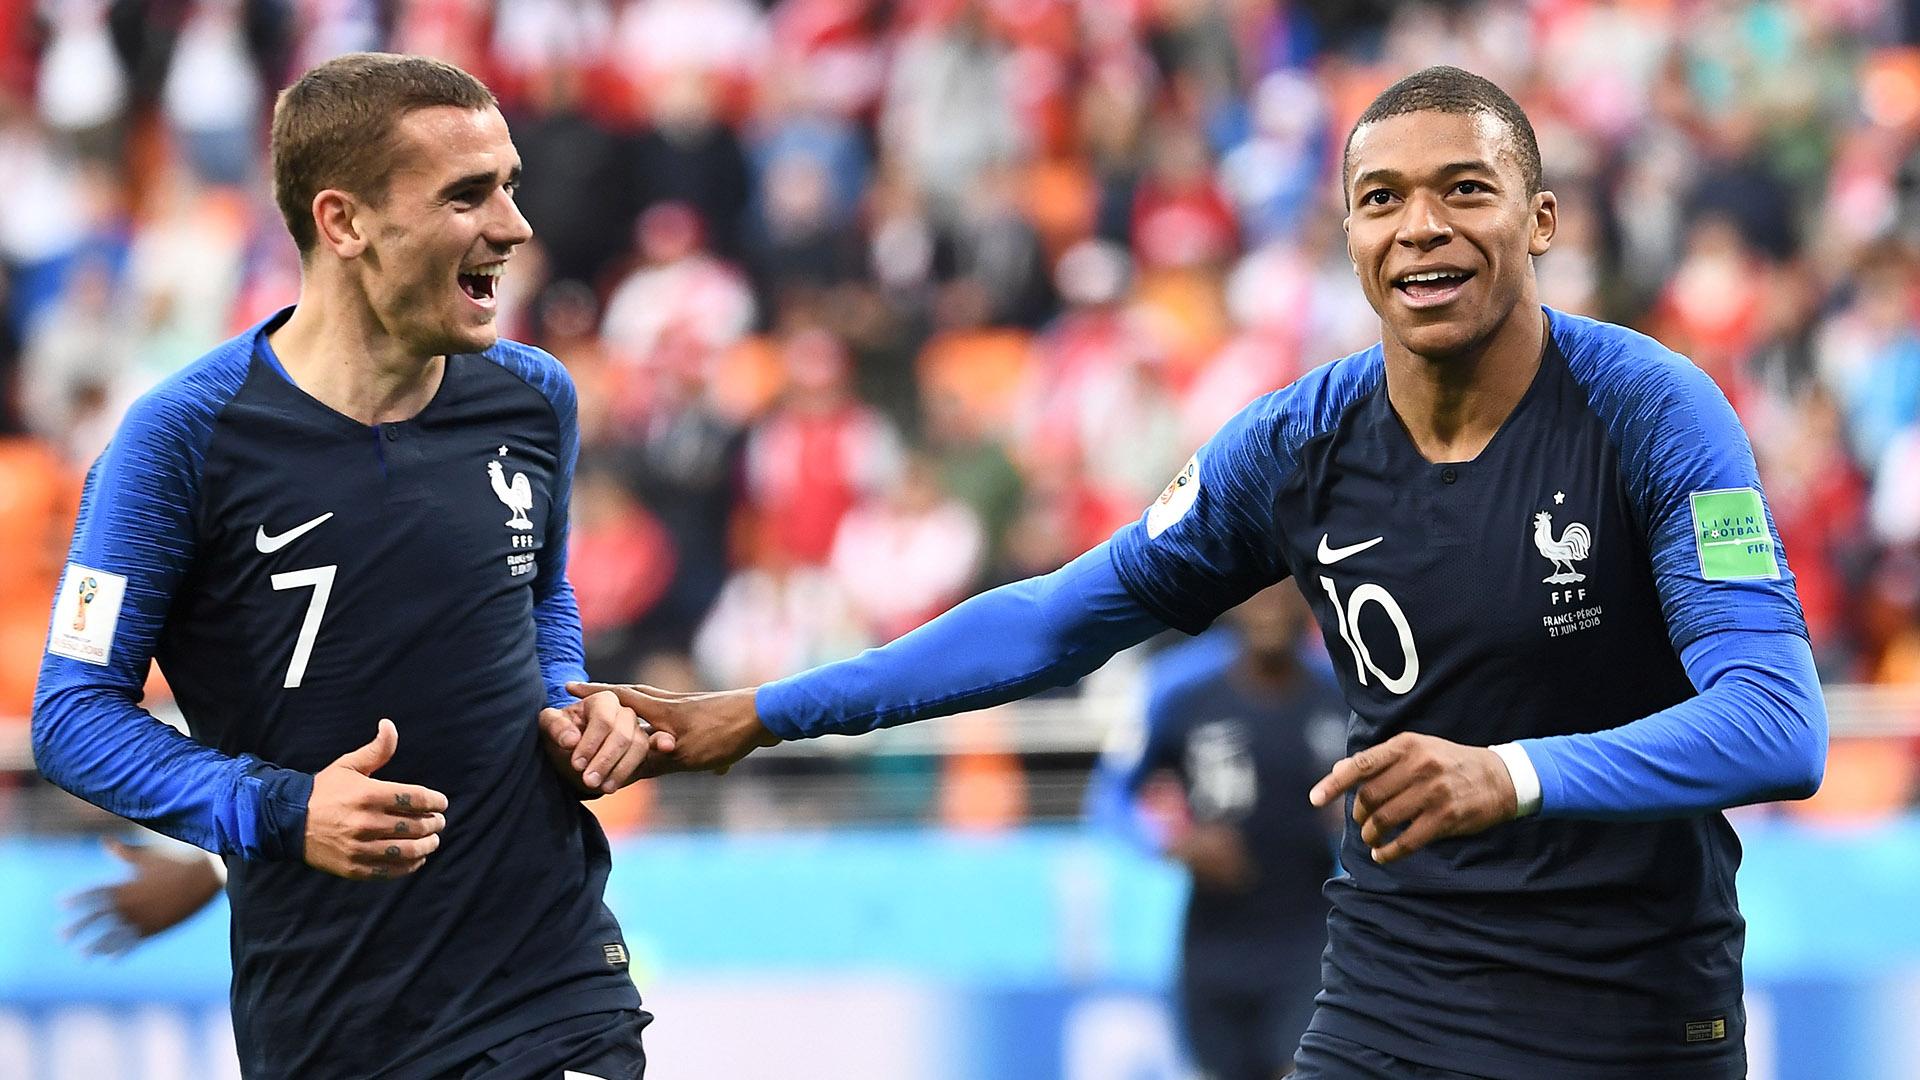 क्रोएसिया र पोर्चुगलविरुद्ध खेल्ने फ्रान्सको टोली घोषणा